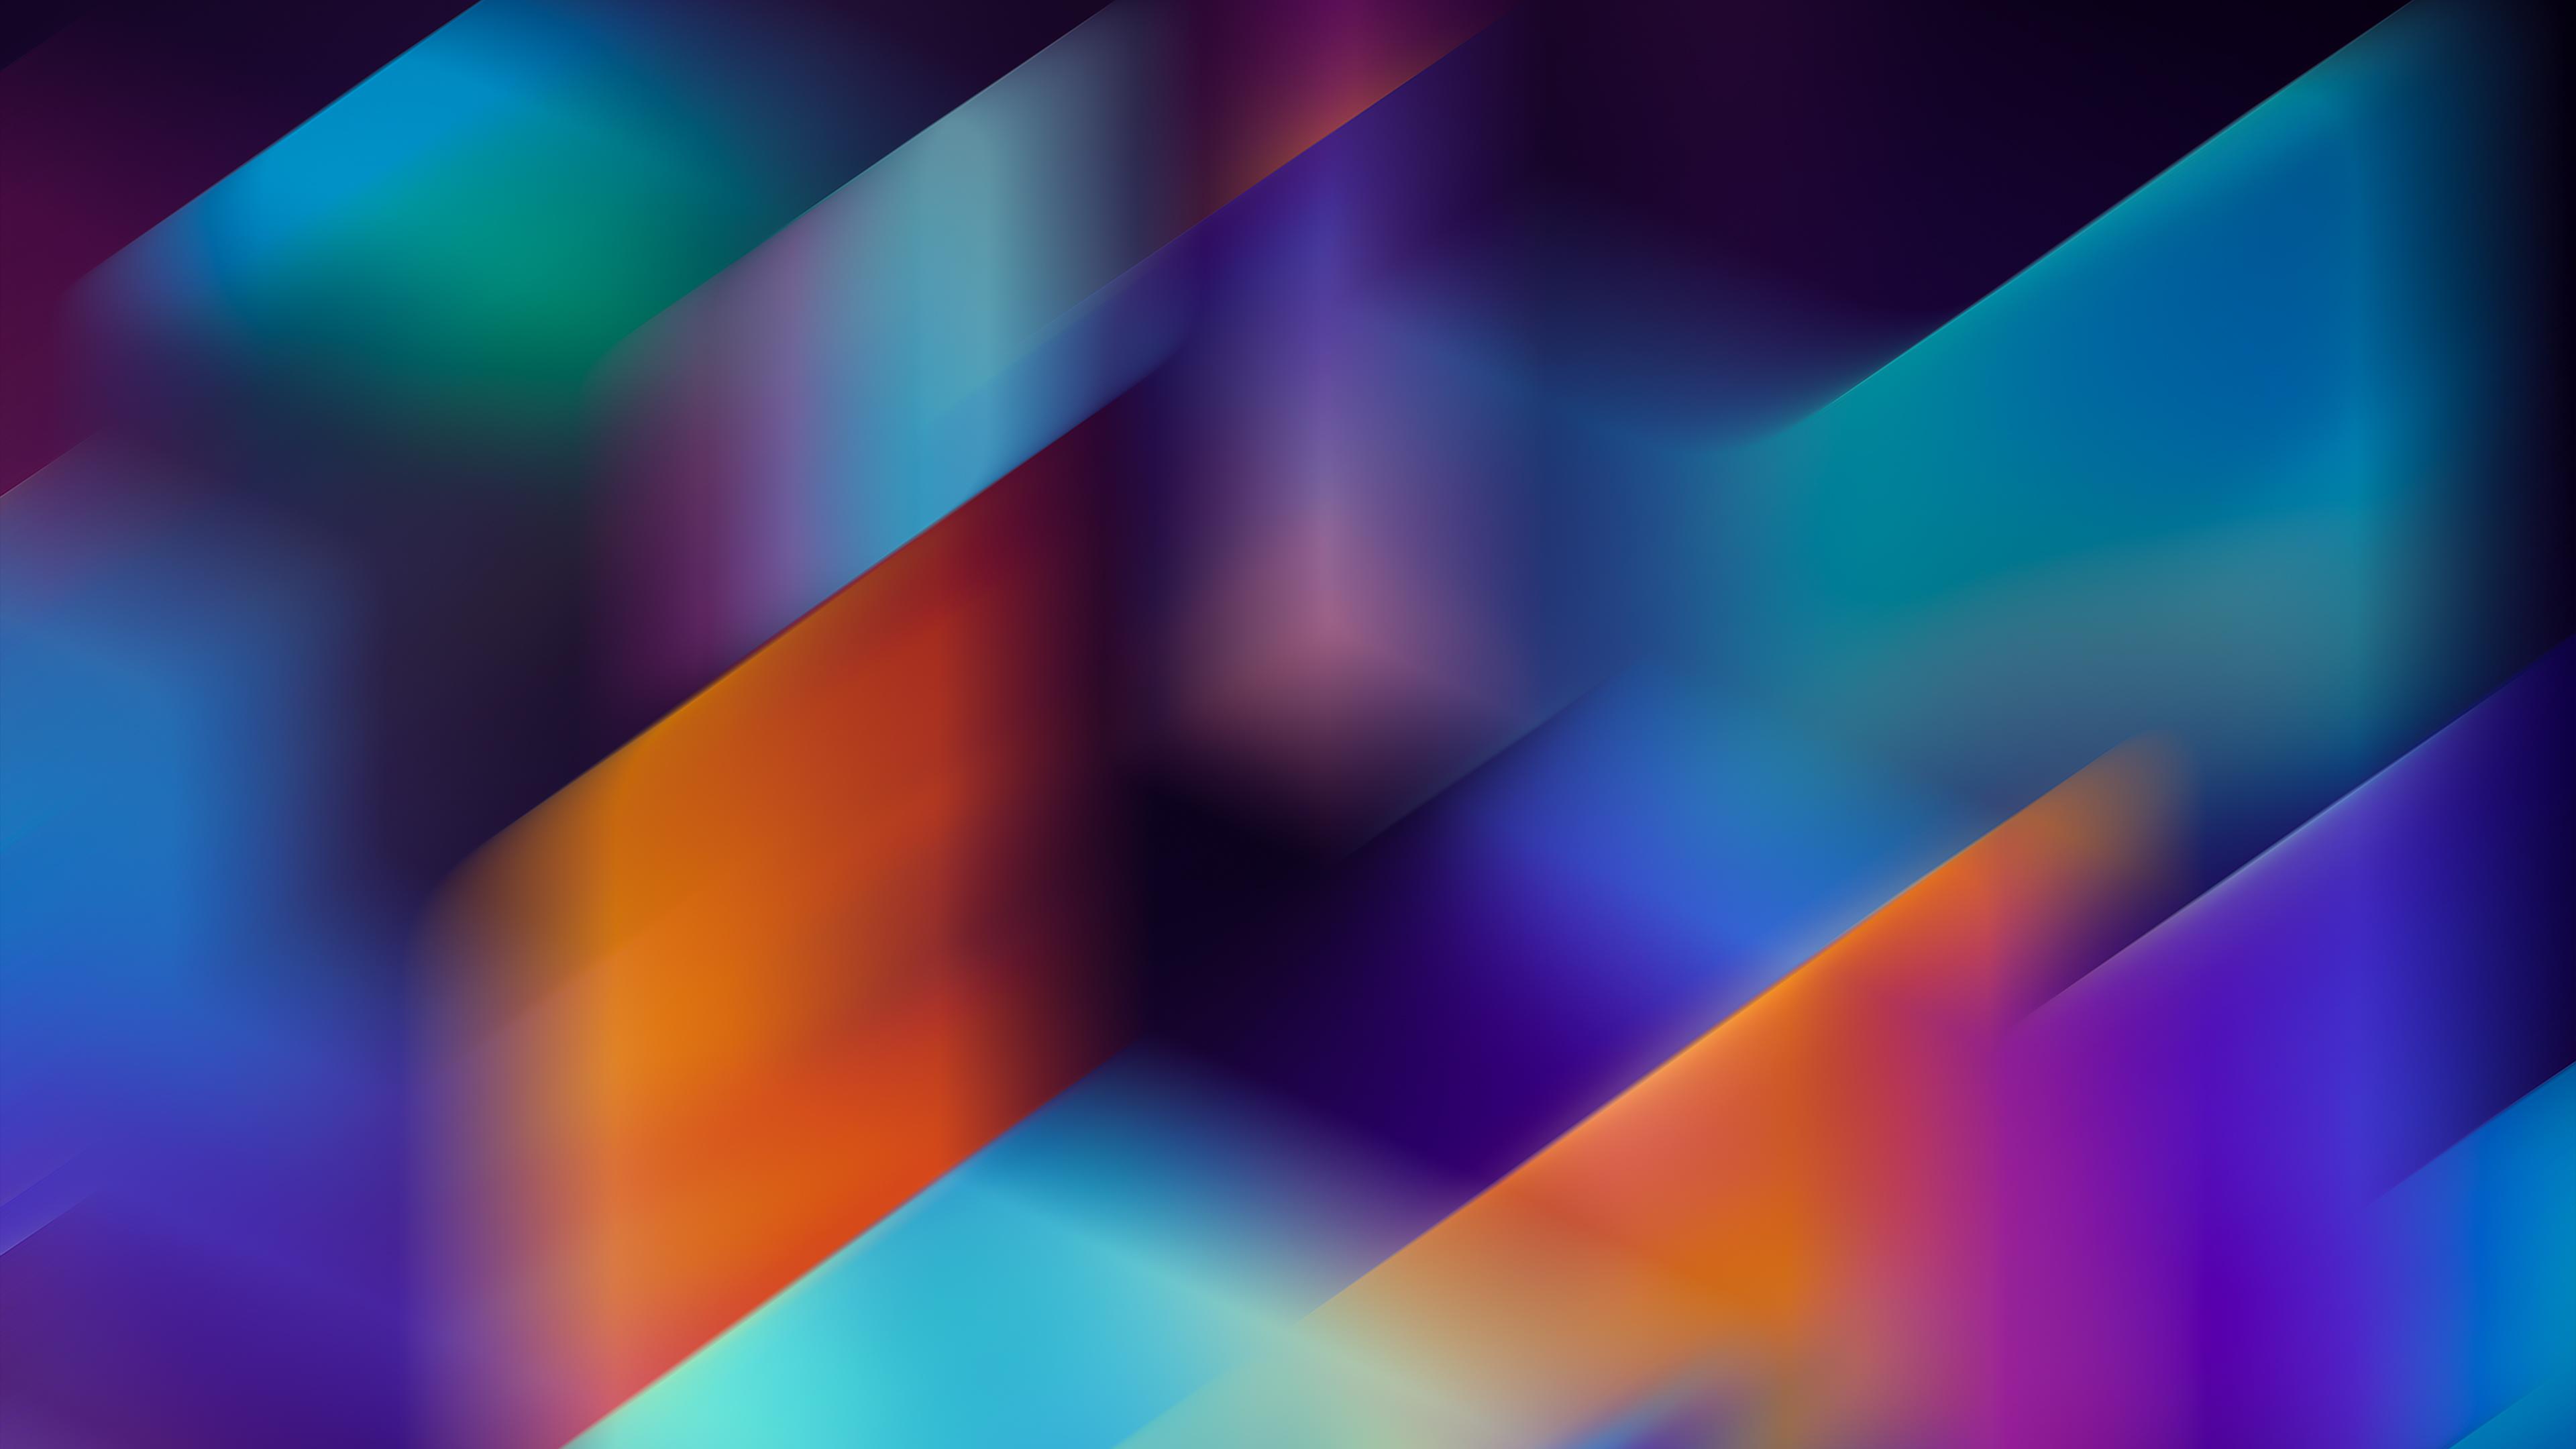 ribbons abstract 1575661464 - Ribbons Abstract -